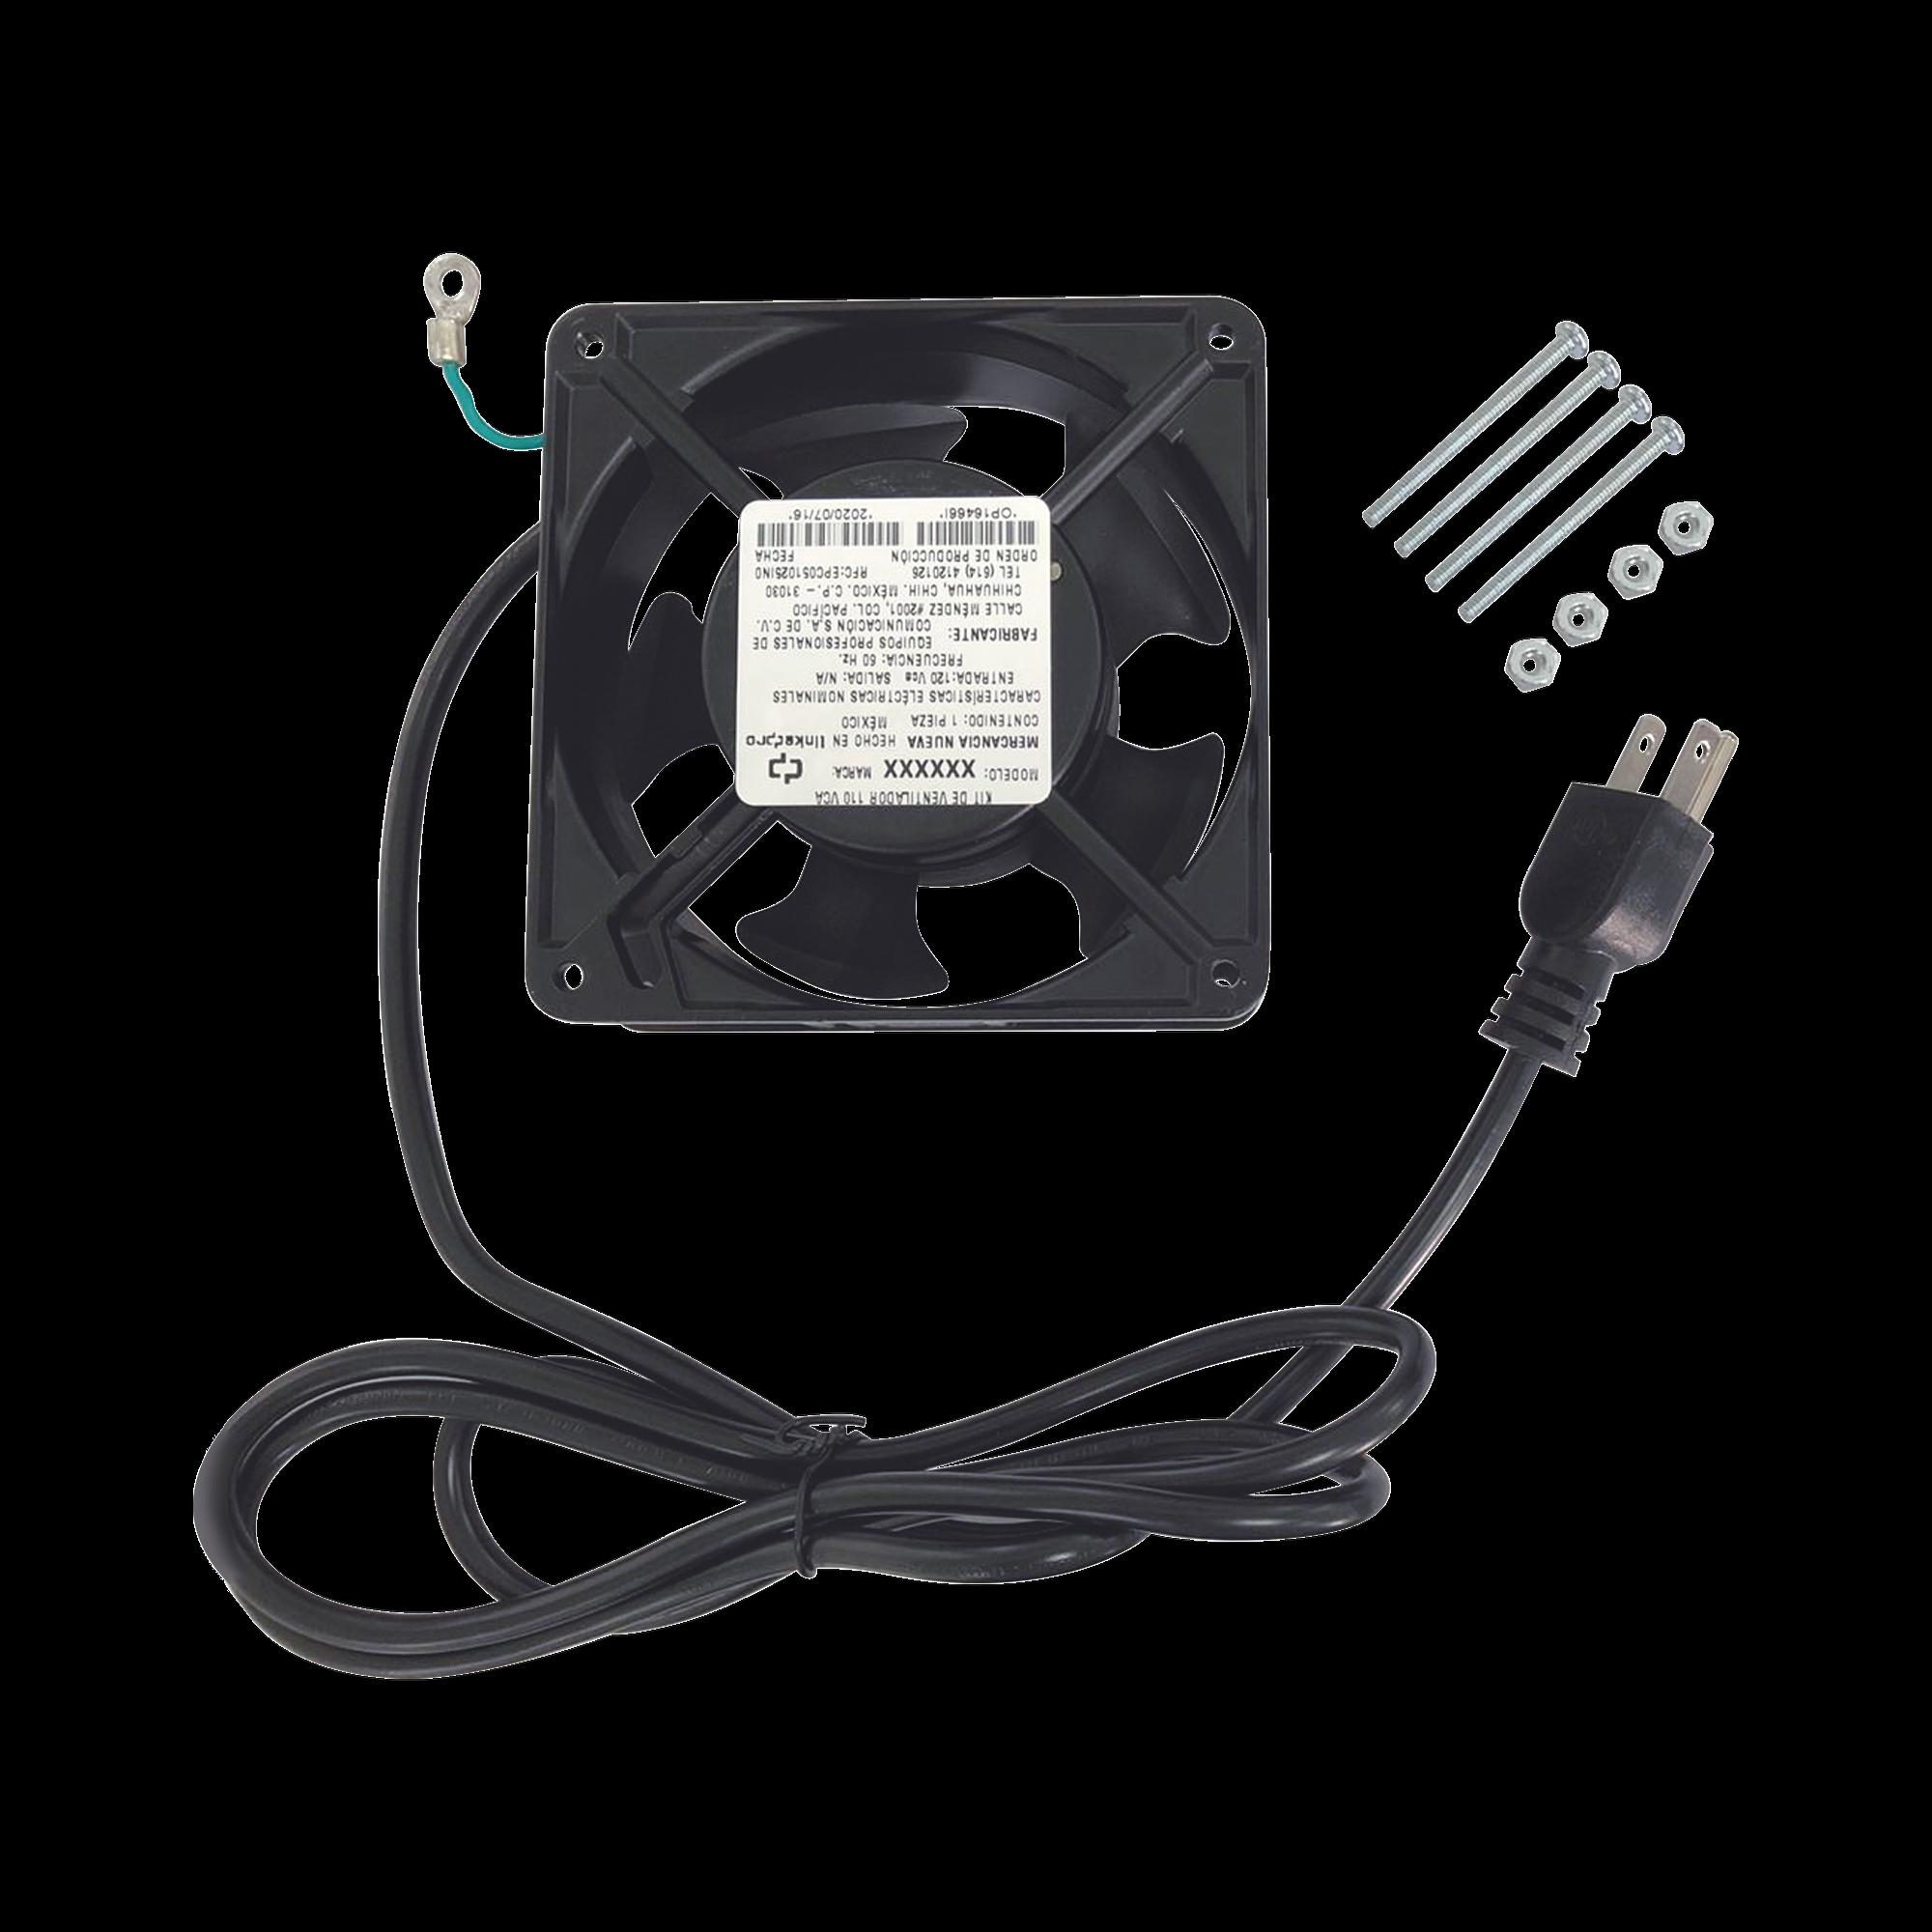 Ventilador 110 Vca de 12 x 12 cm con Cable y Clavija.